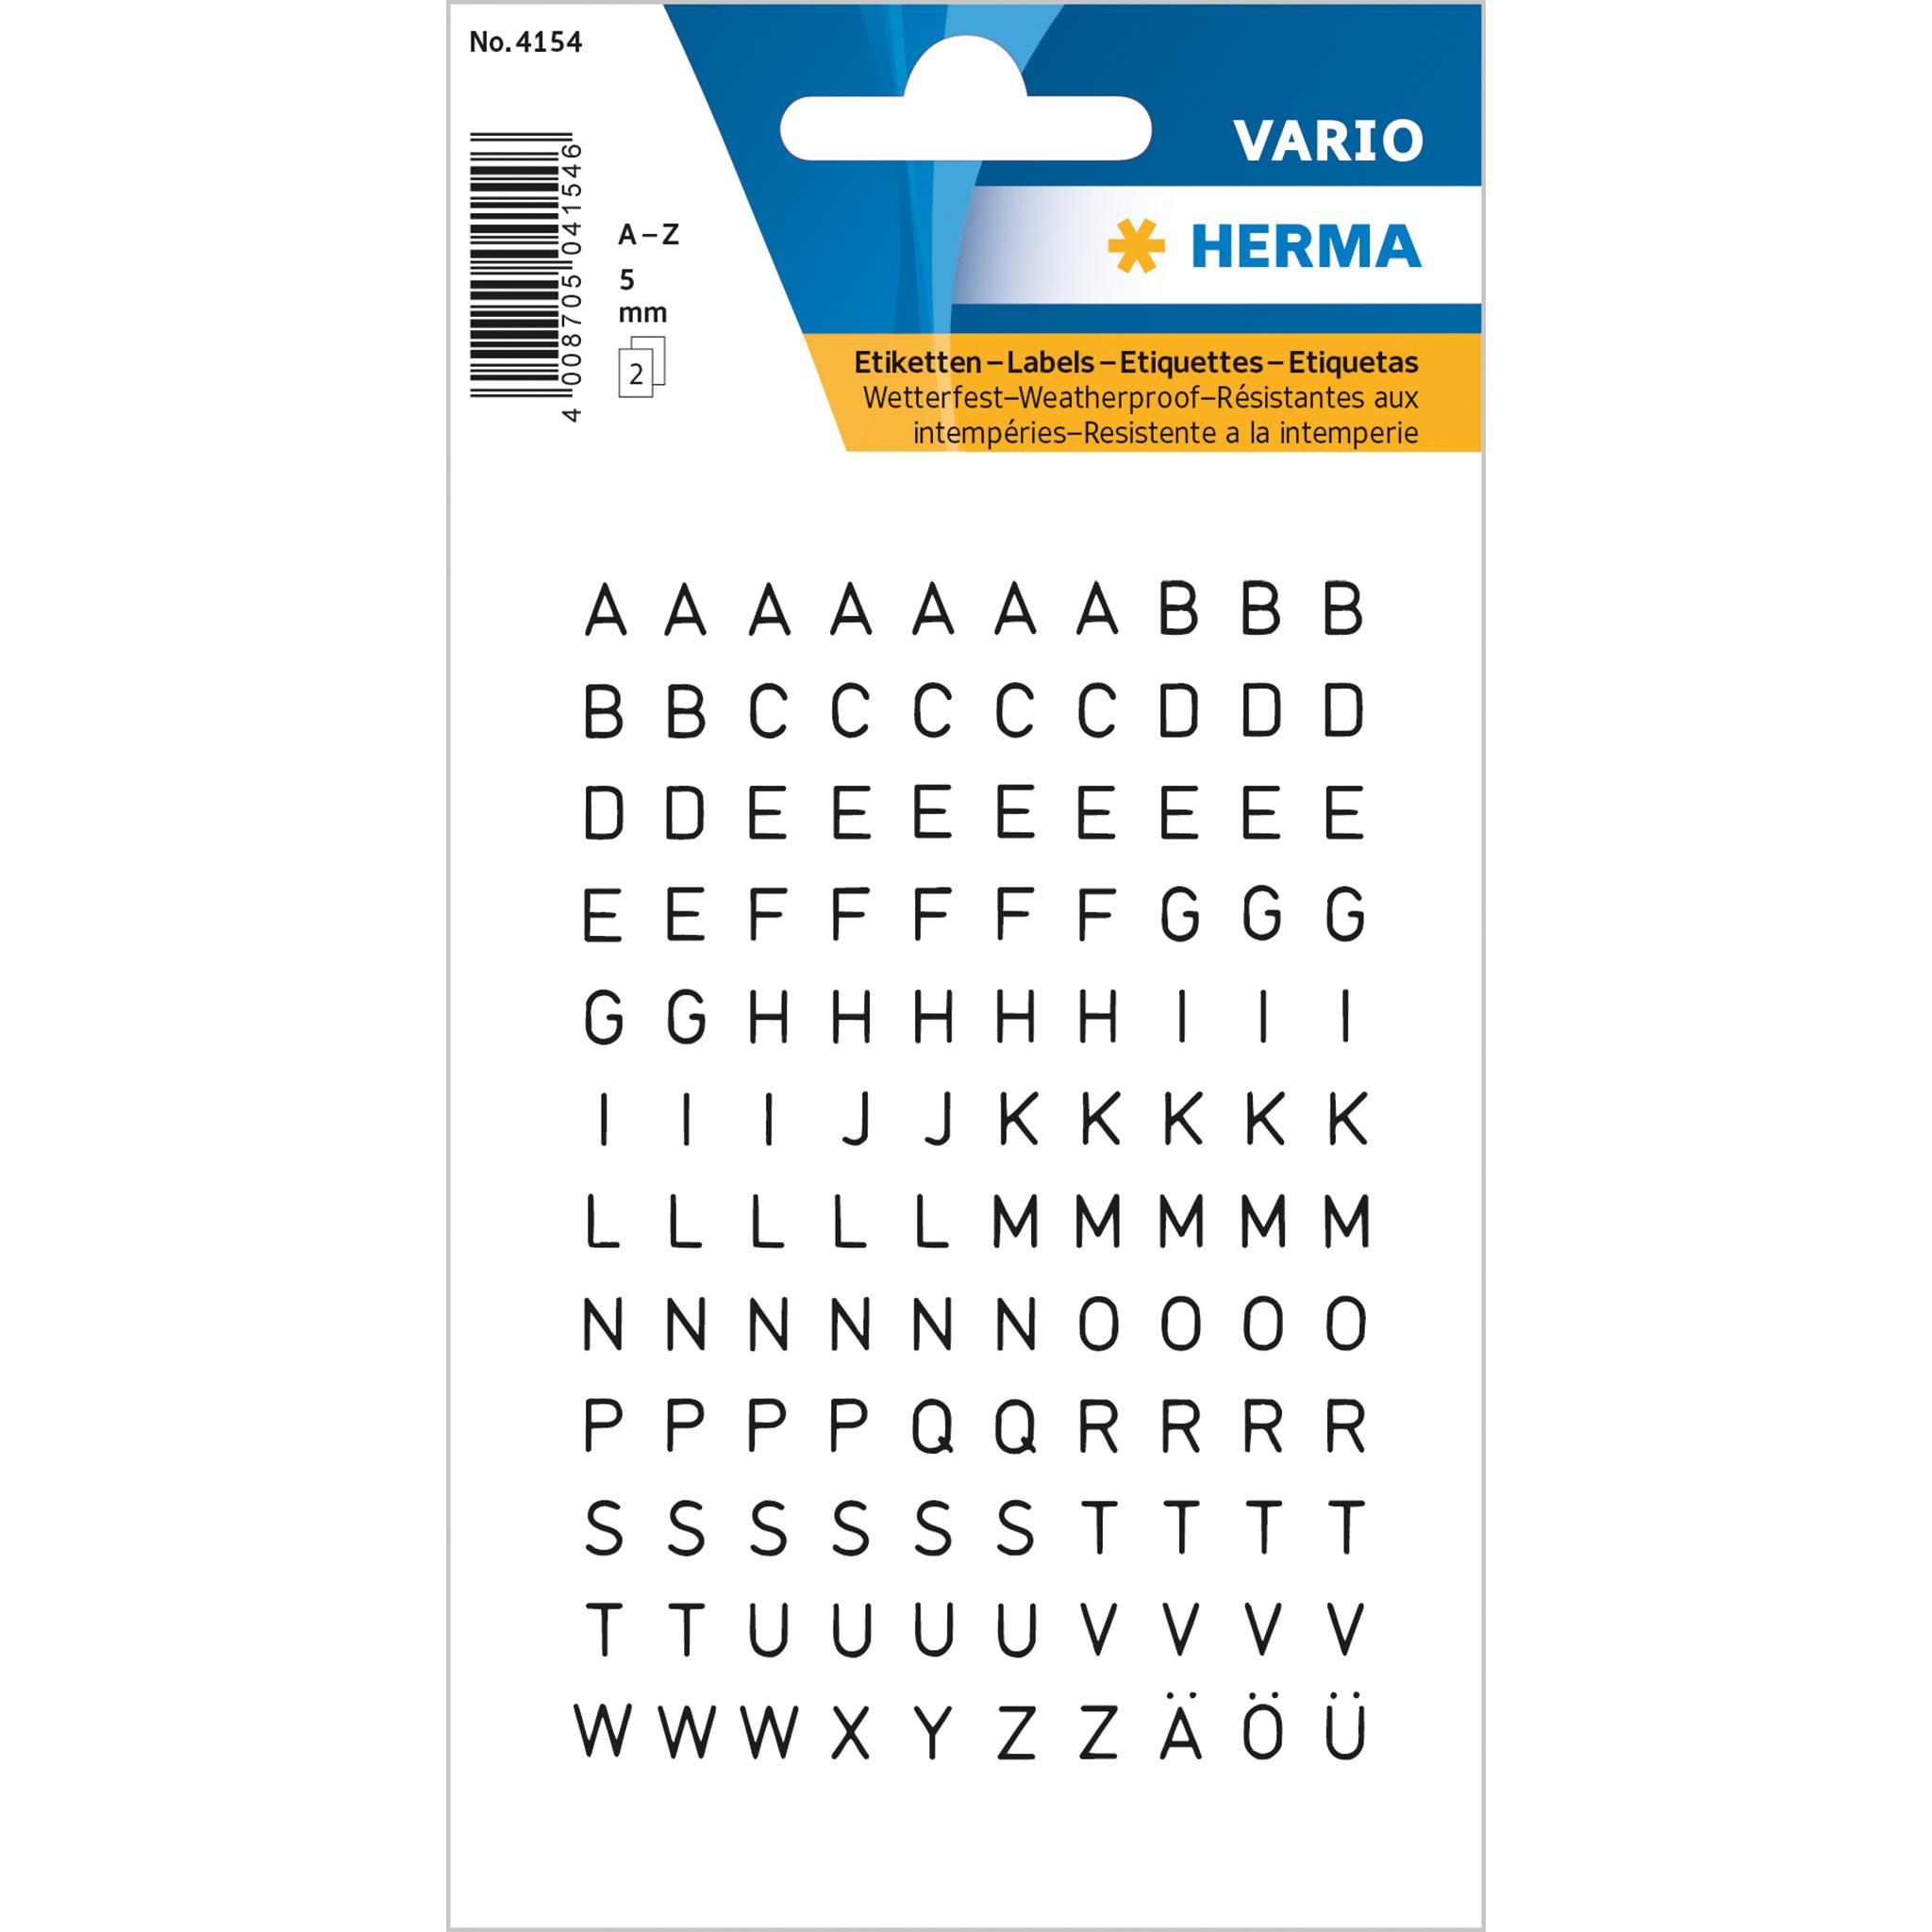 Buchstaben 5 Mm A Z Schwarz Auf Wetterfester Transparenter